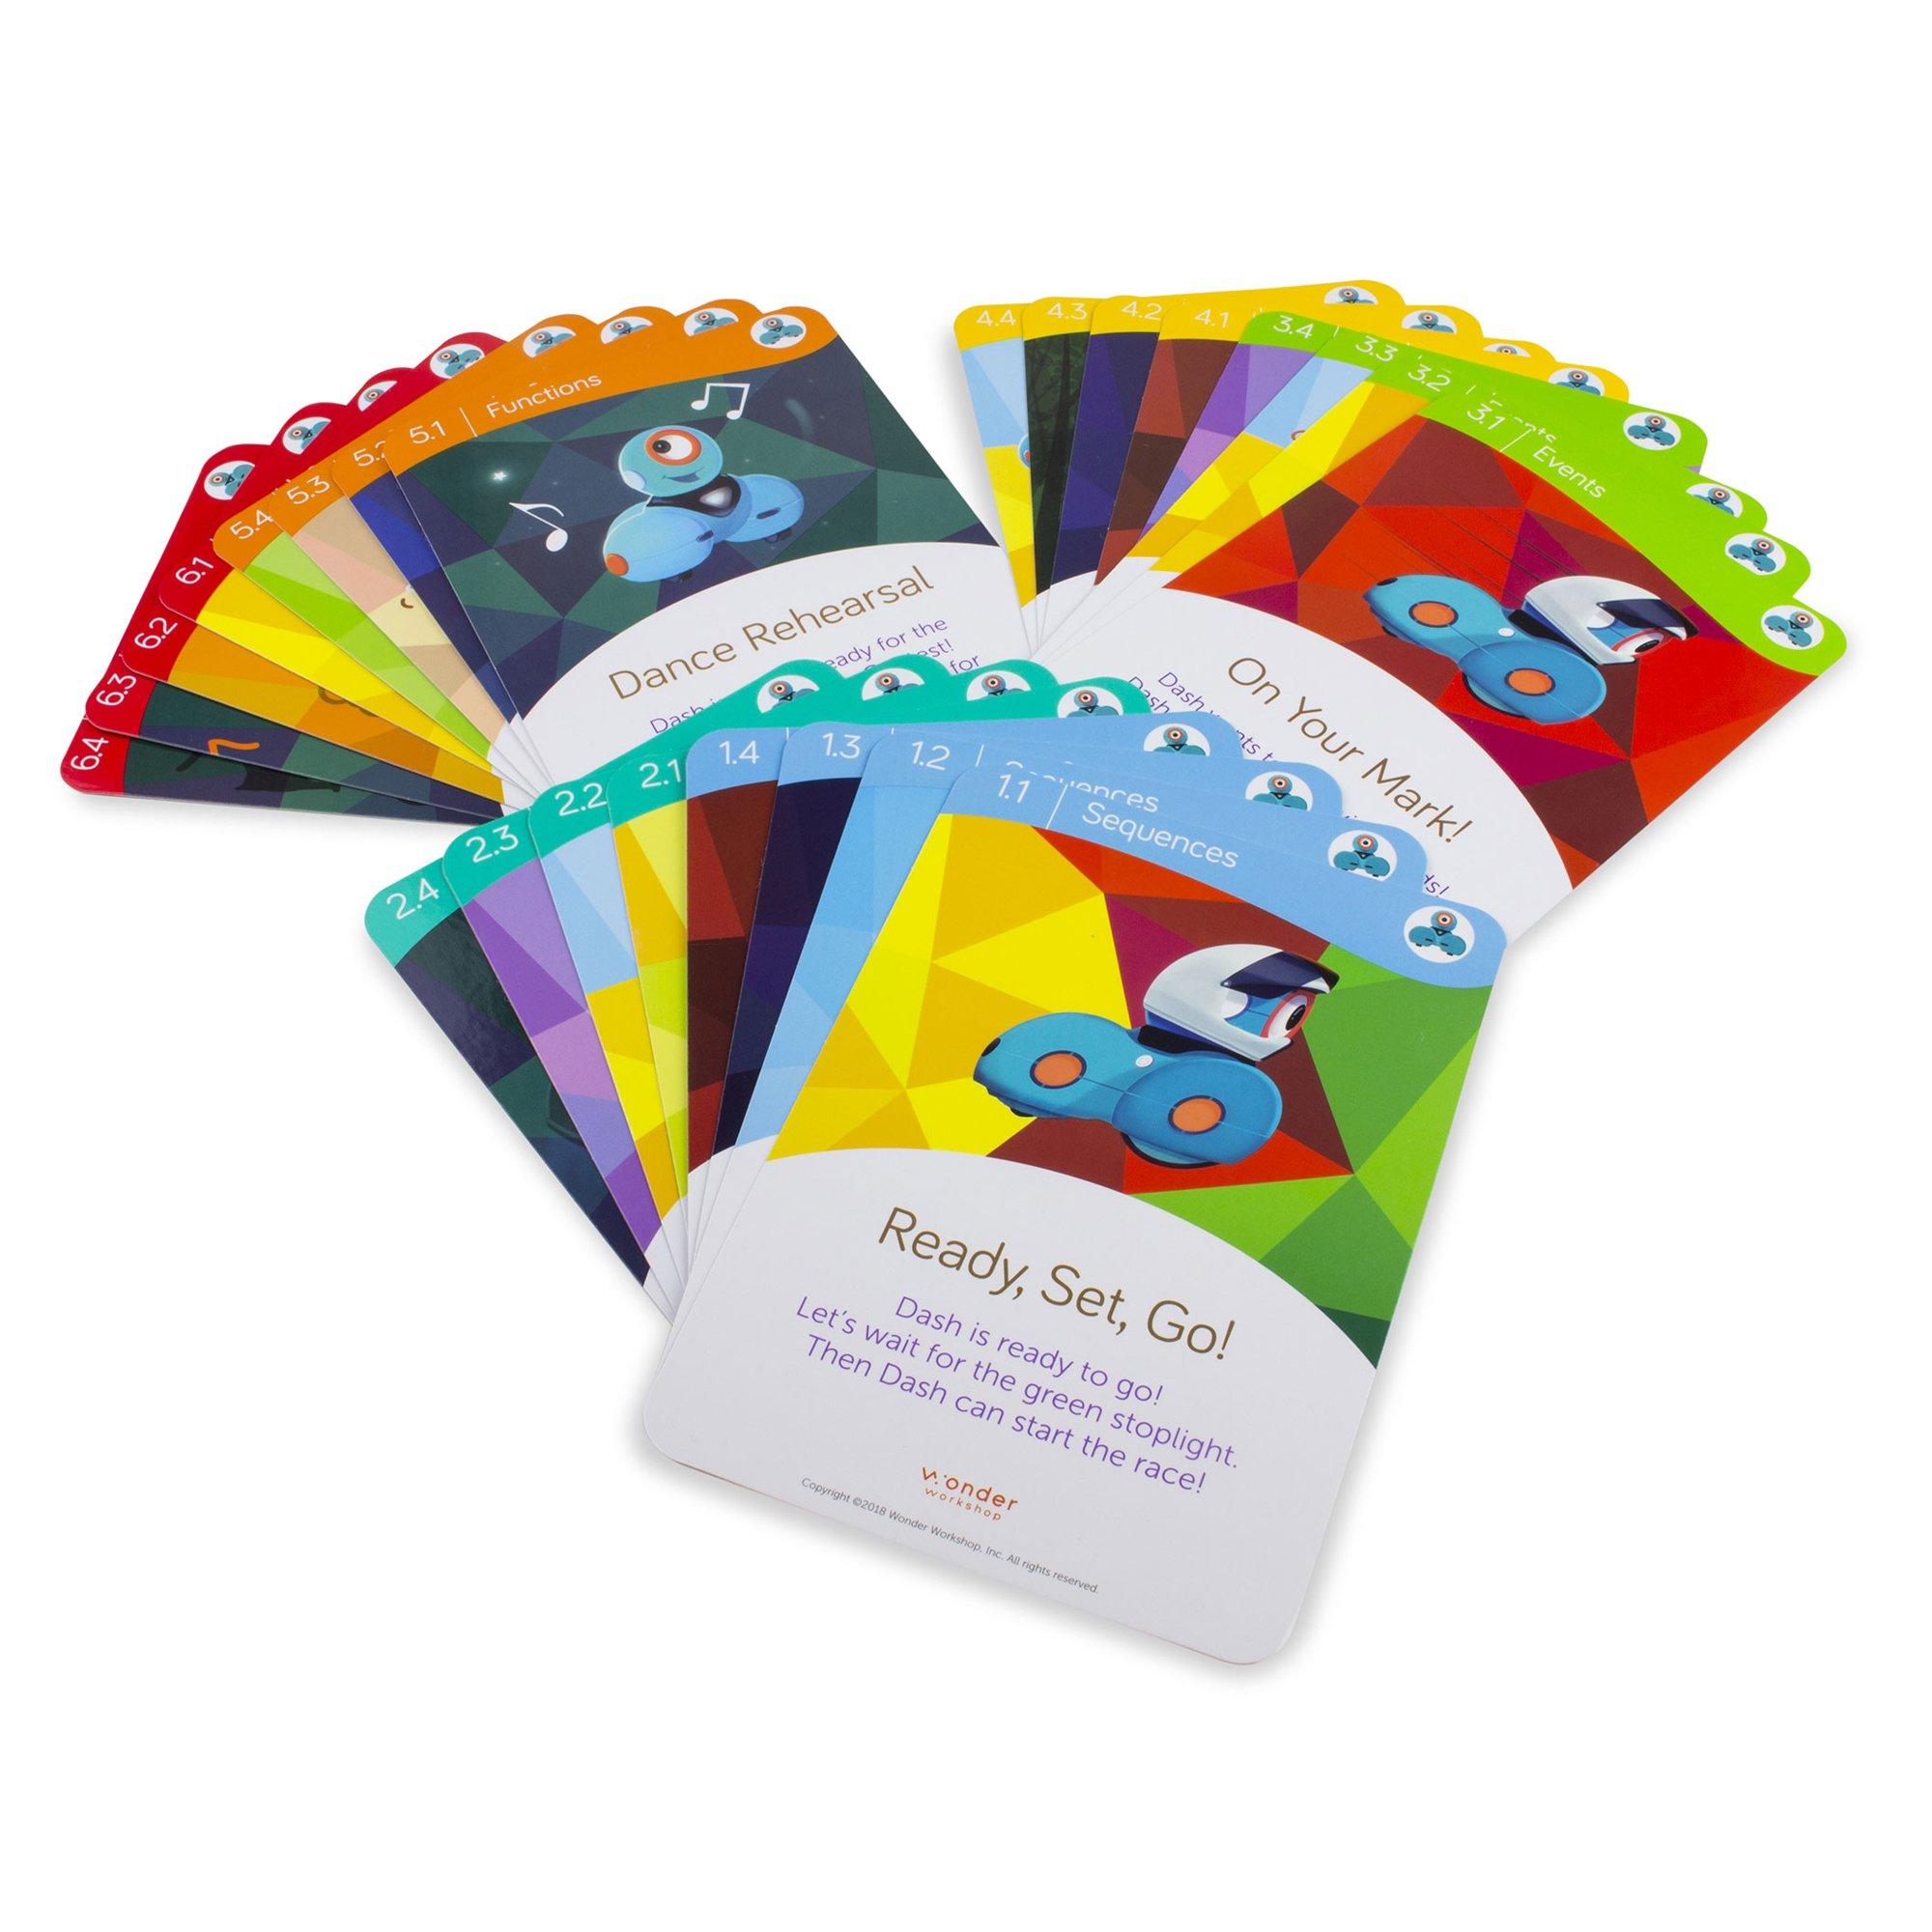 Wonder Workshop – Dash Robot Coding for Kids 6+ – Dash Challenge Cards and Sketch Kit Bundle – (Amazon Exclusive) by Wonder Workshop (Image #4)